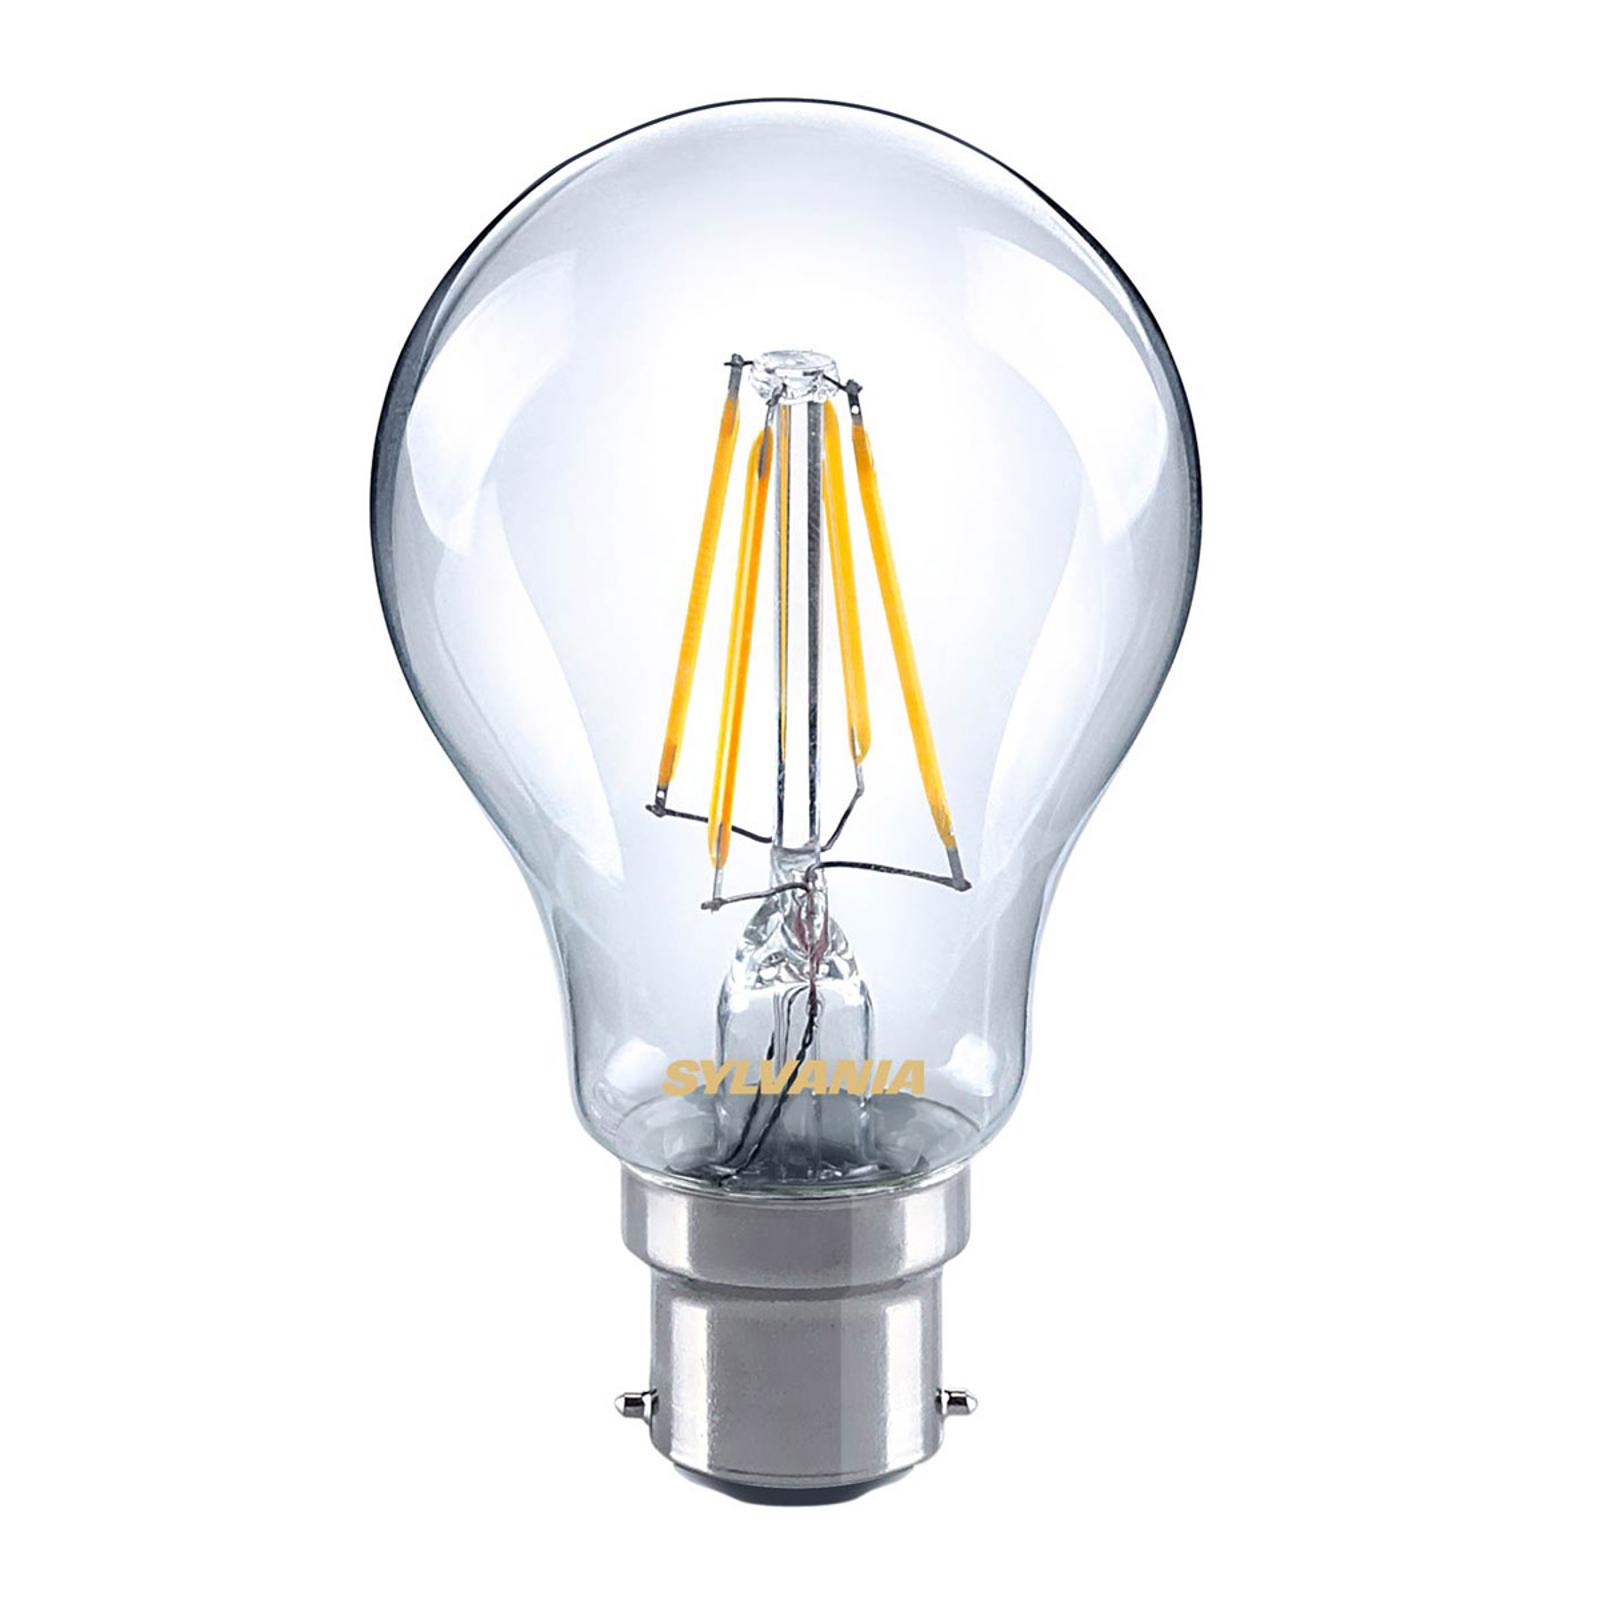 B22 4W 827 LED-filament lyspære, klar